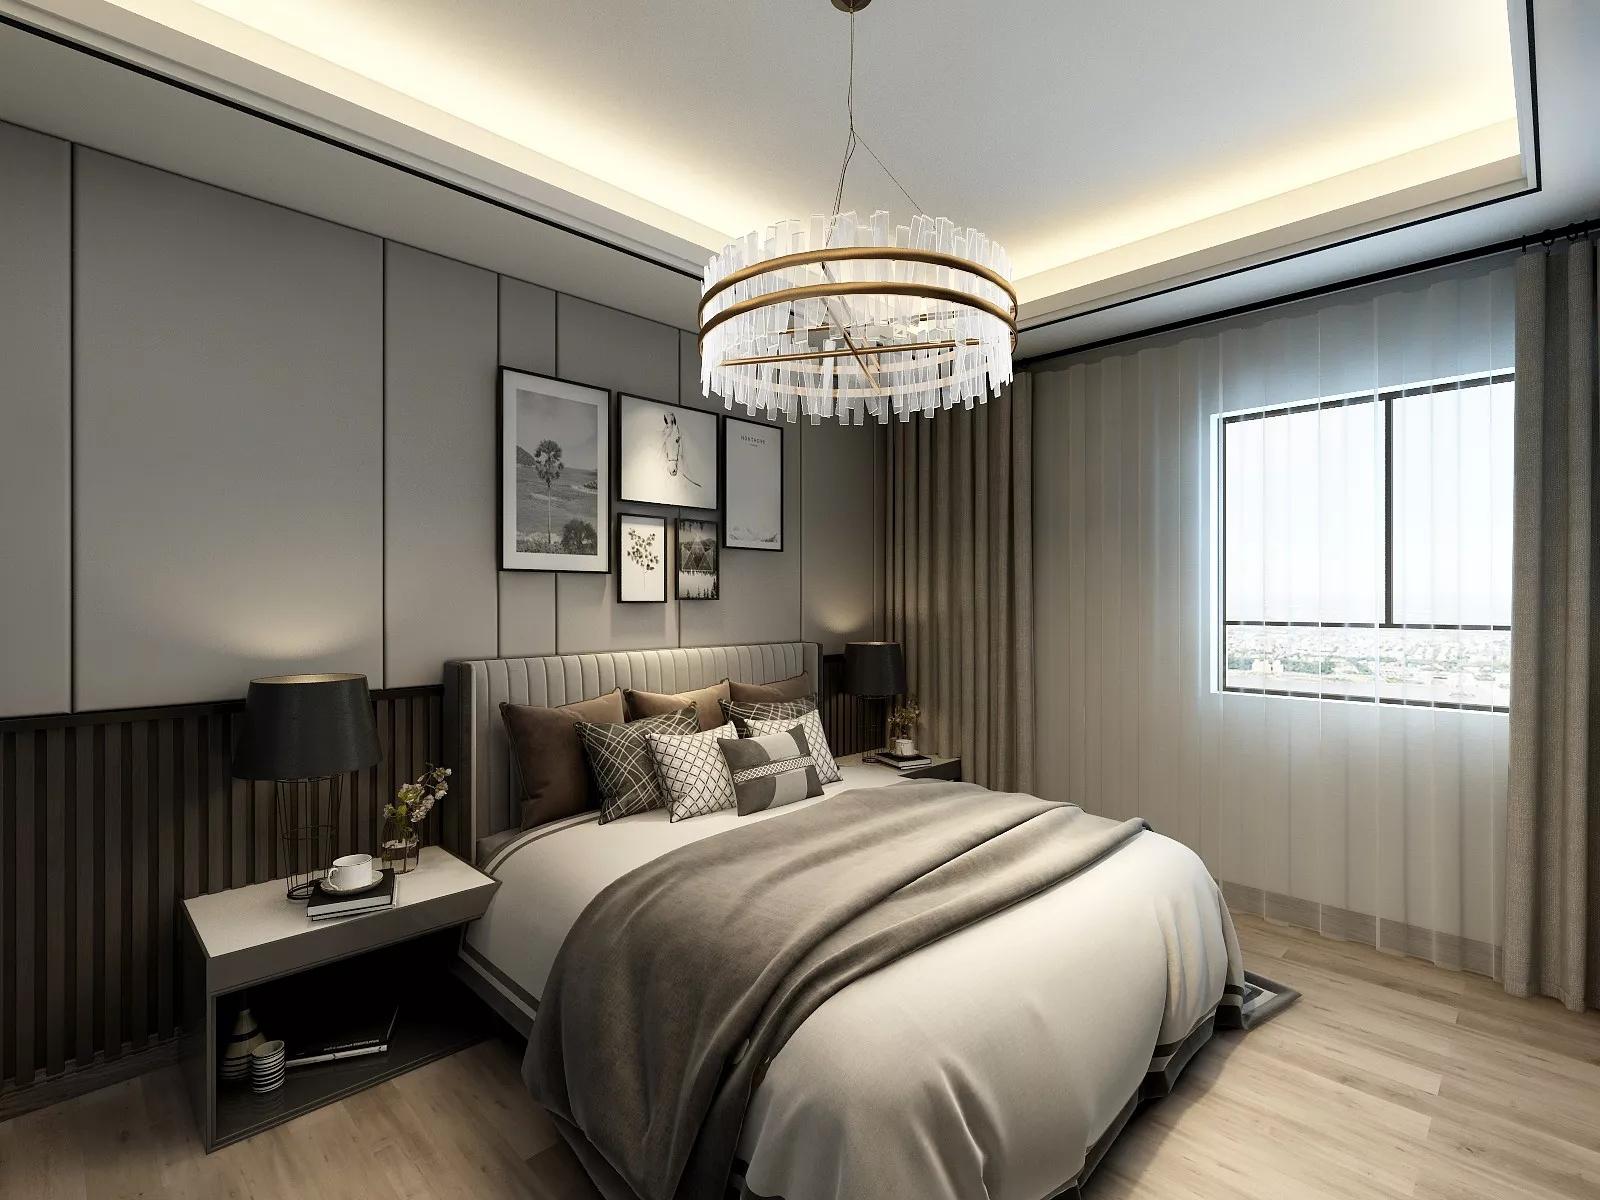 欧式风格舒适唯美客厅沙发装修效果图